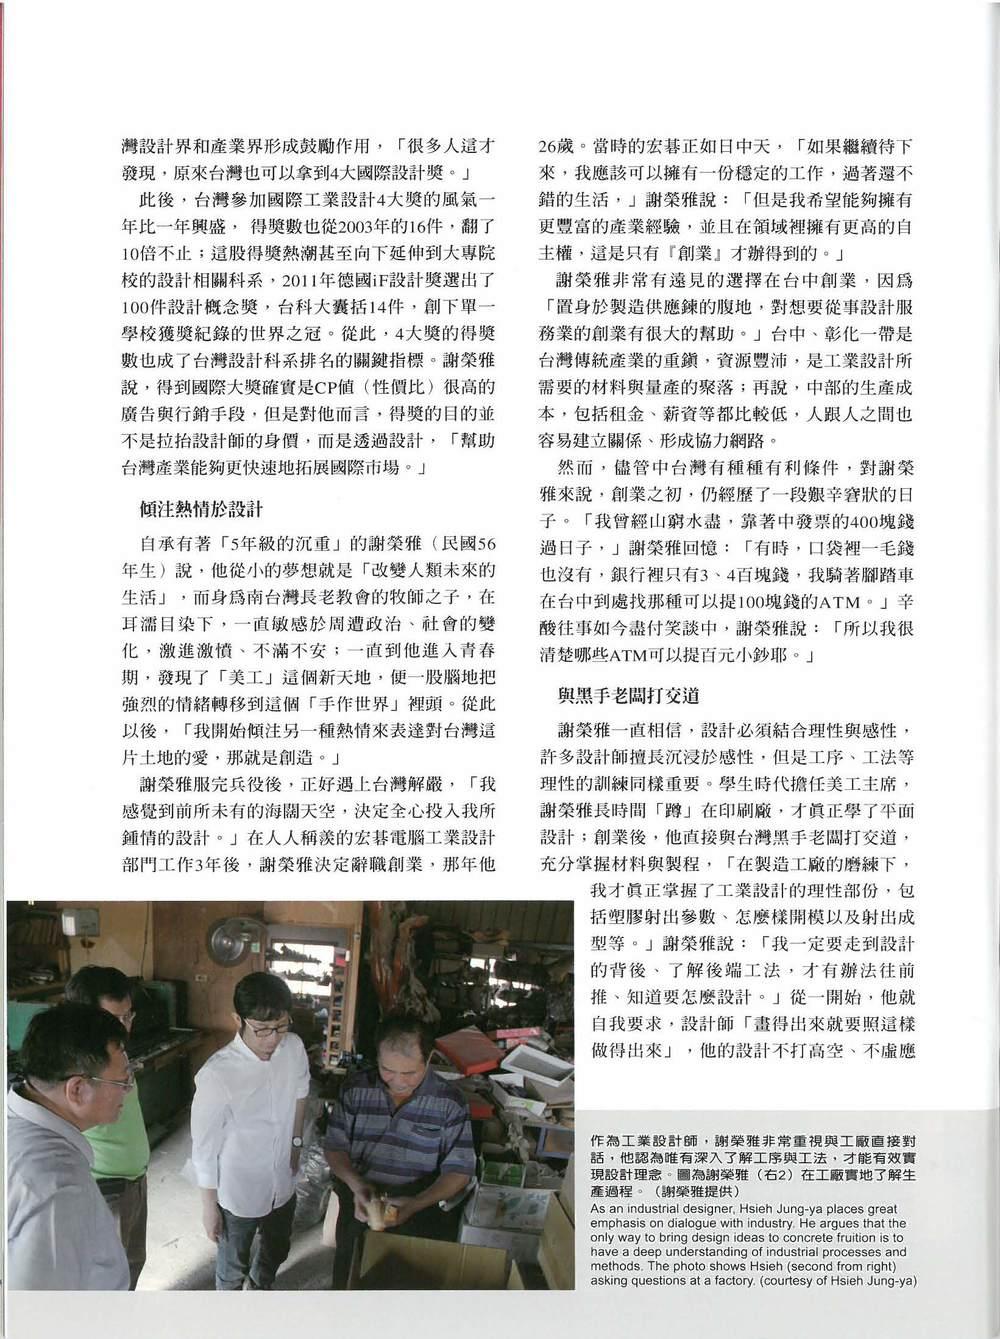 大破大立 謝榮雅_台灣光華雜誌_2015年04月刊-4.jpg